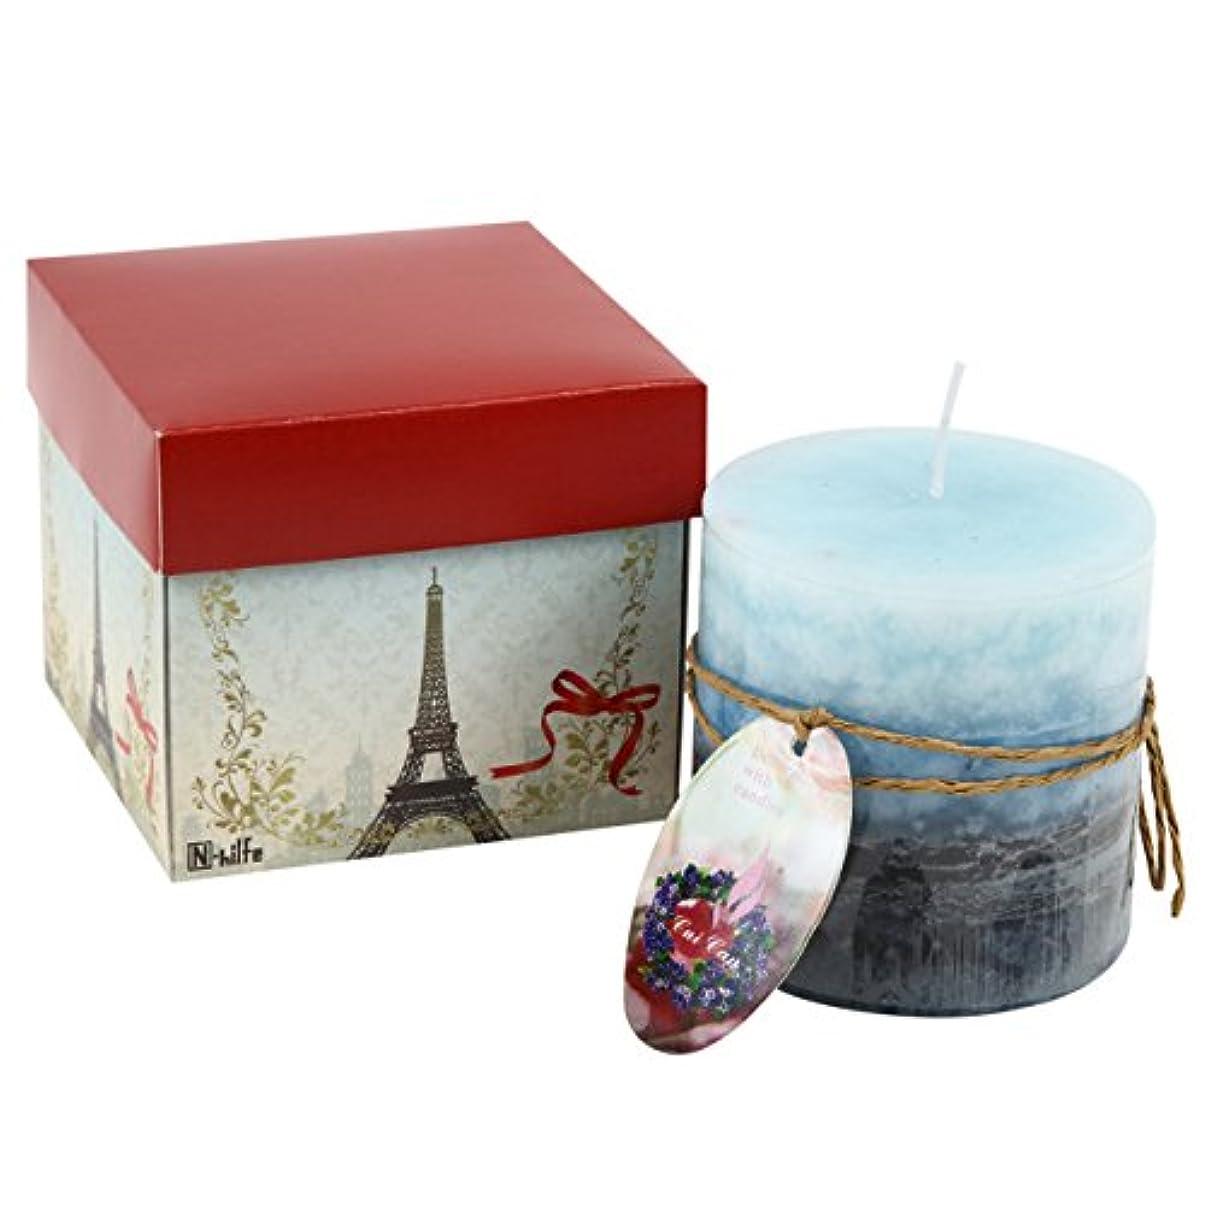 リングレット保持ベッドを作るN-hilfe キャンドル 7.5x7.5cm 蝋燭 アロマキャンドル (ビーチ,青)